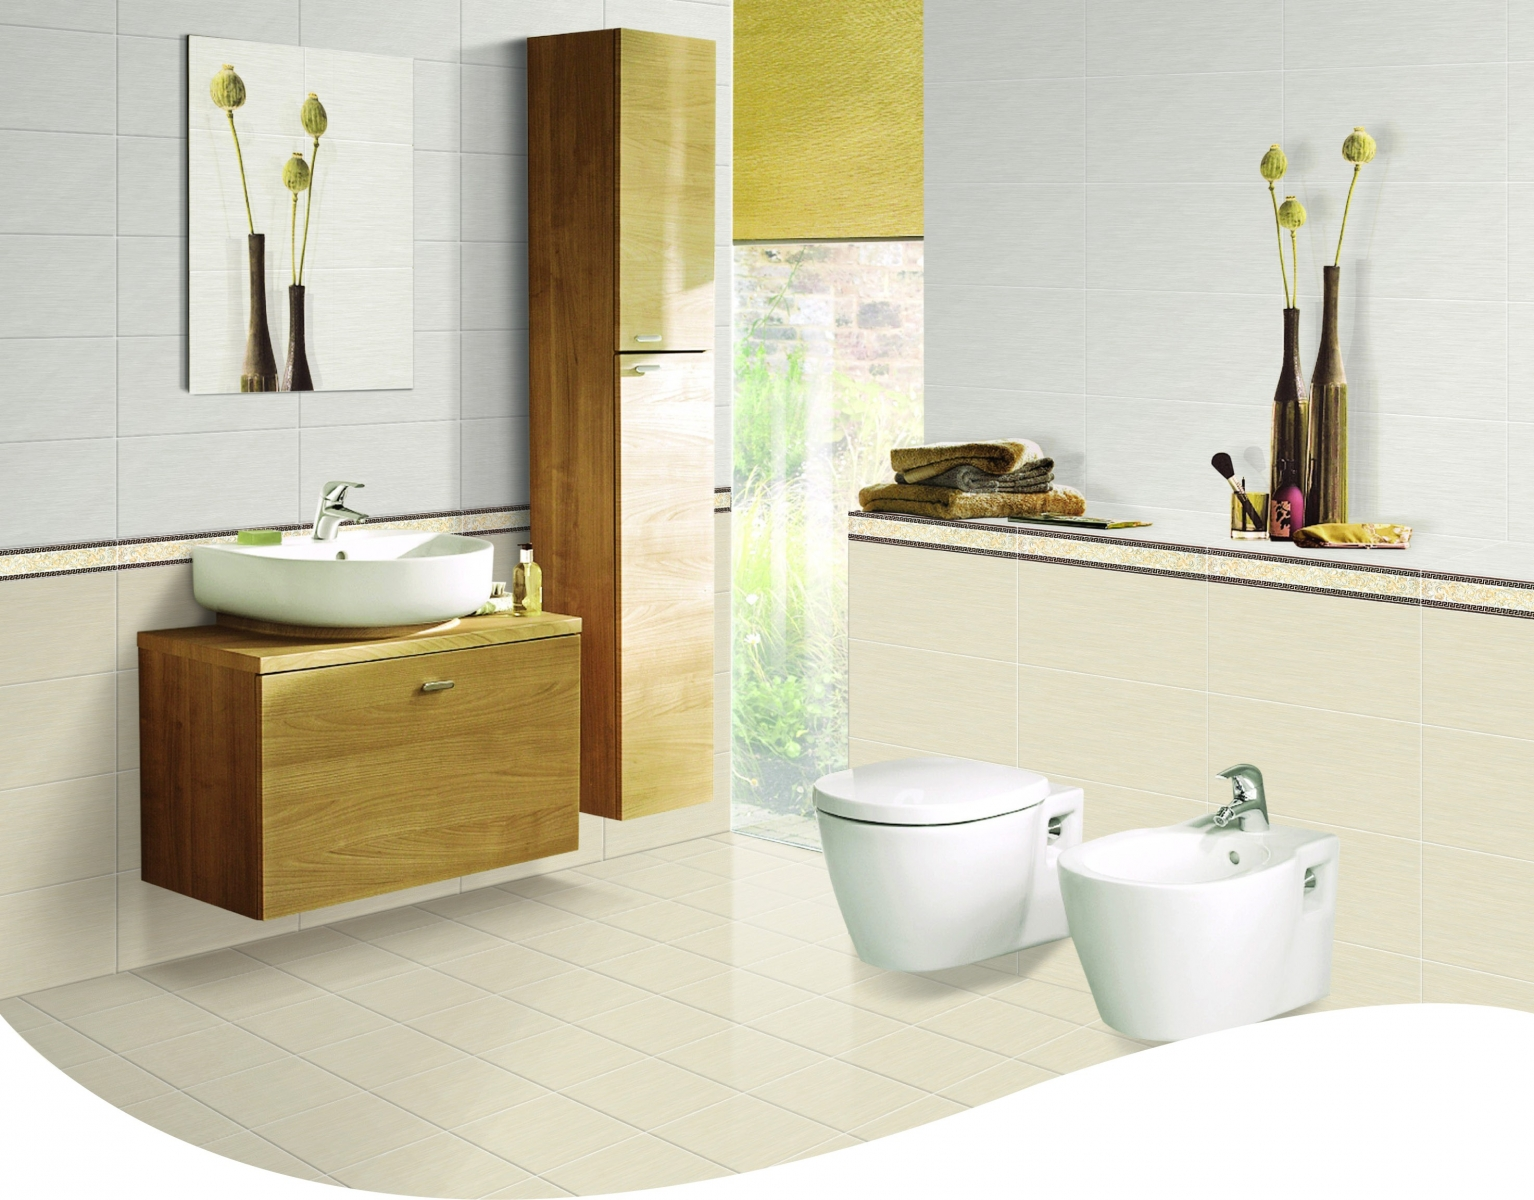 Khi mua vòi lavabo cần lưu ý những gì?